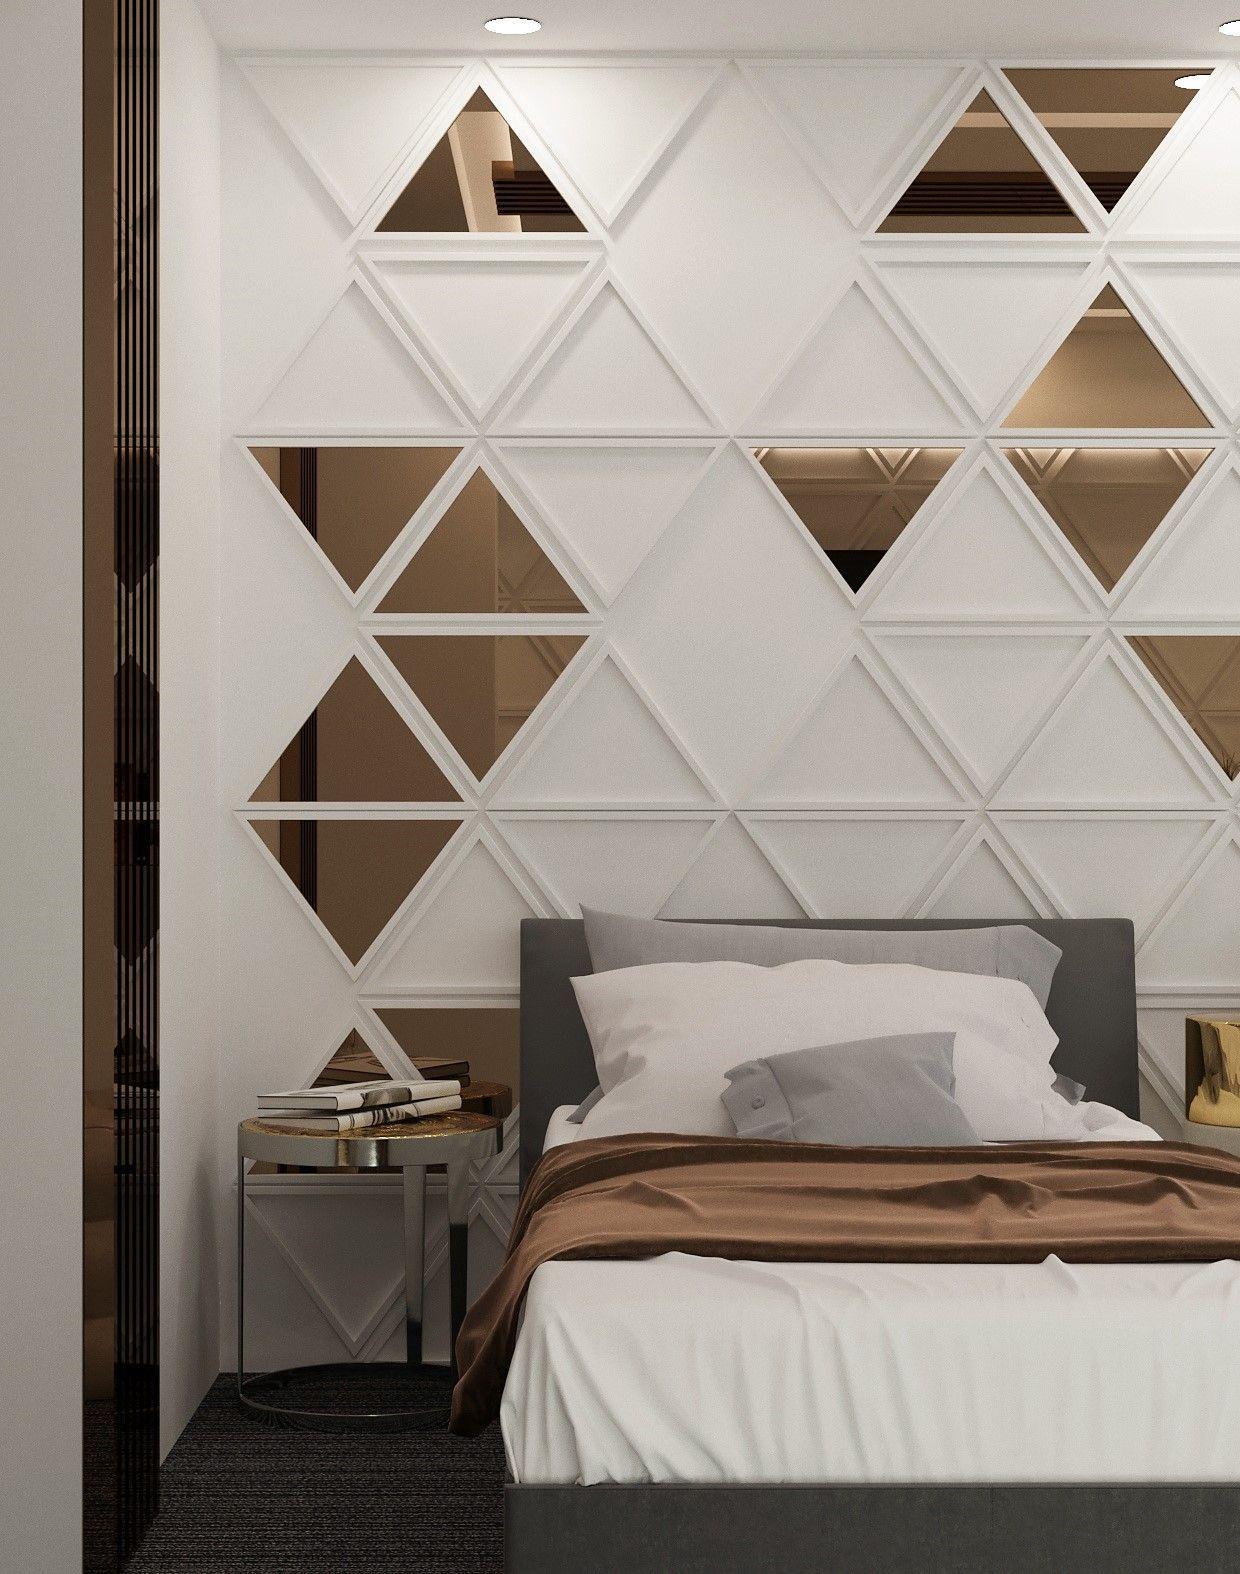 Bedroom design idea interior inspiration also rh pinterest